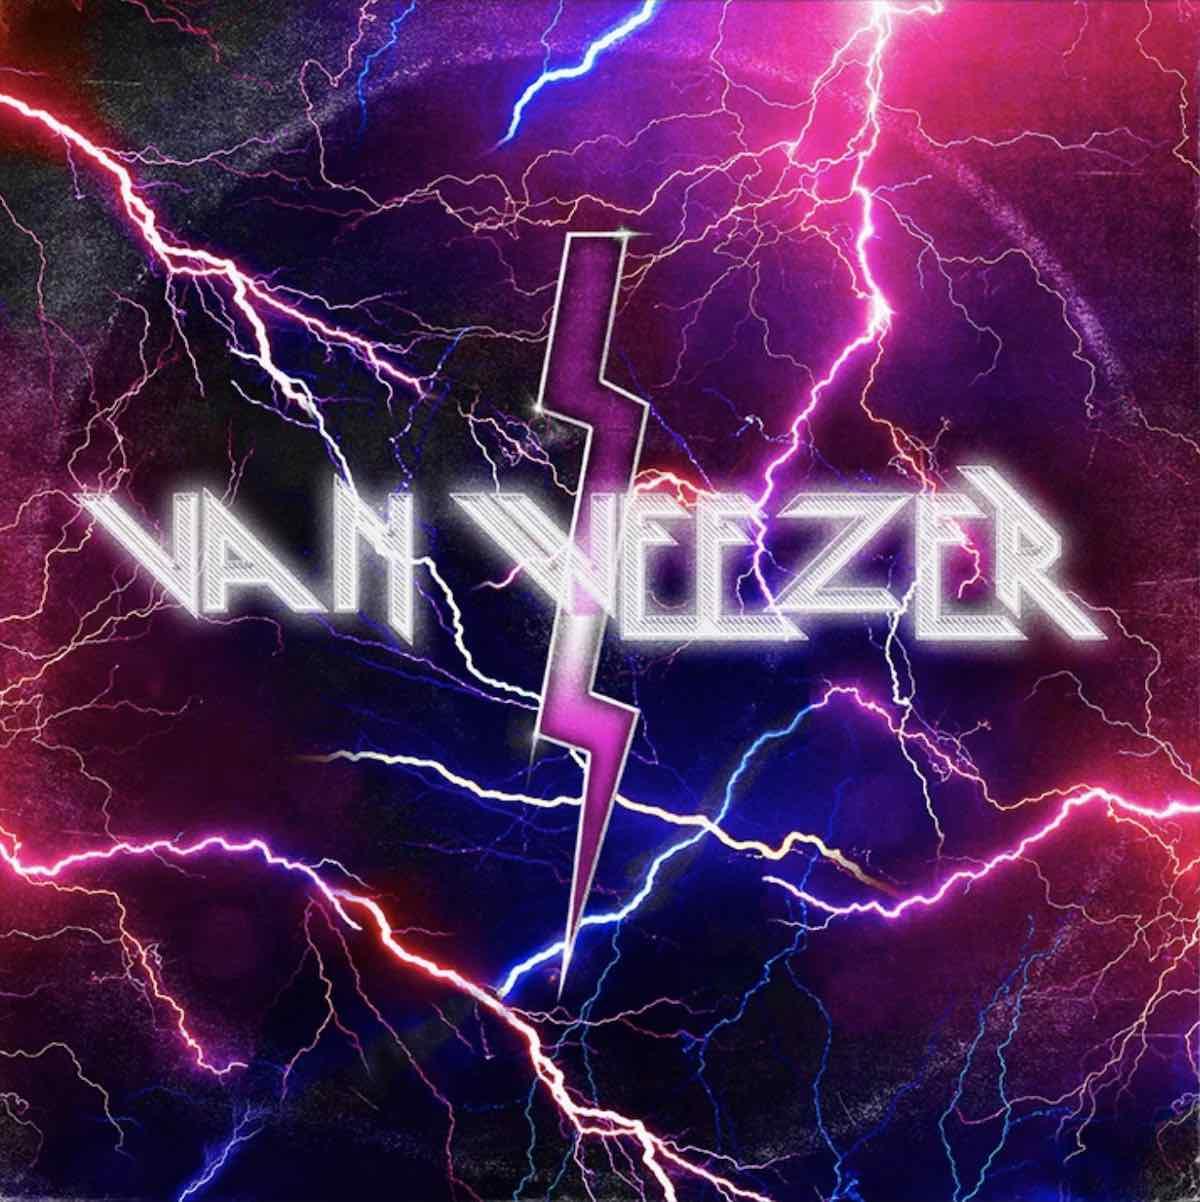 News – Weezer – Van Weezer